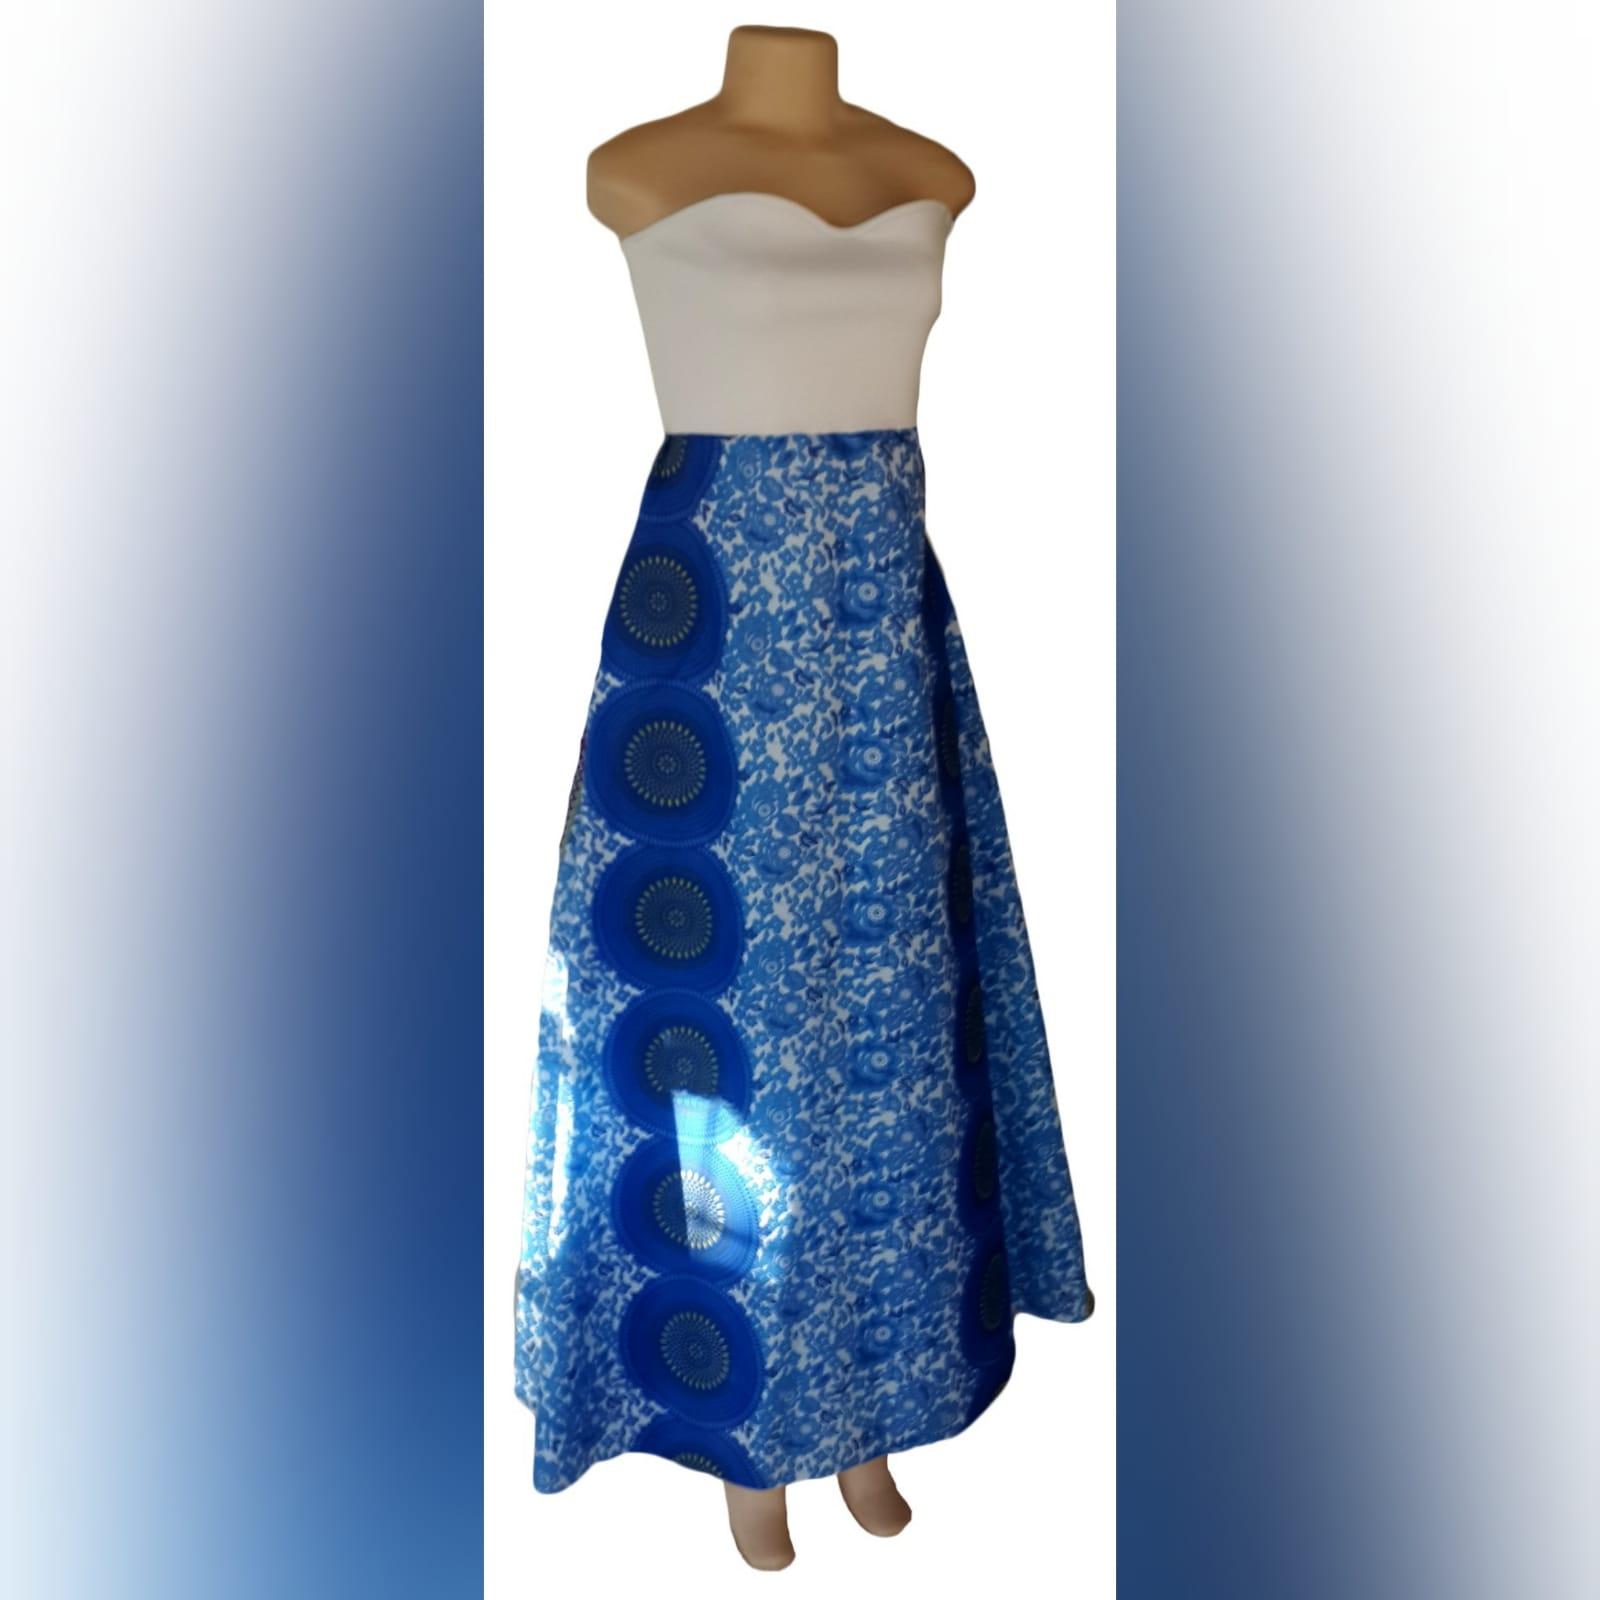 Vestido africano tradicional longo moderno 4 vestido africano tradicional longo moderno sul-africano azul e branco sem ombros com um corpete branco.